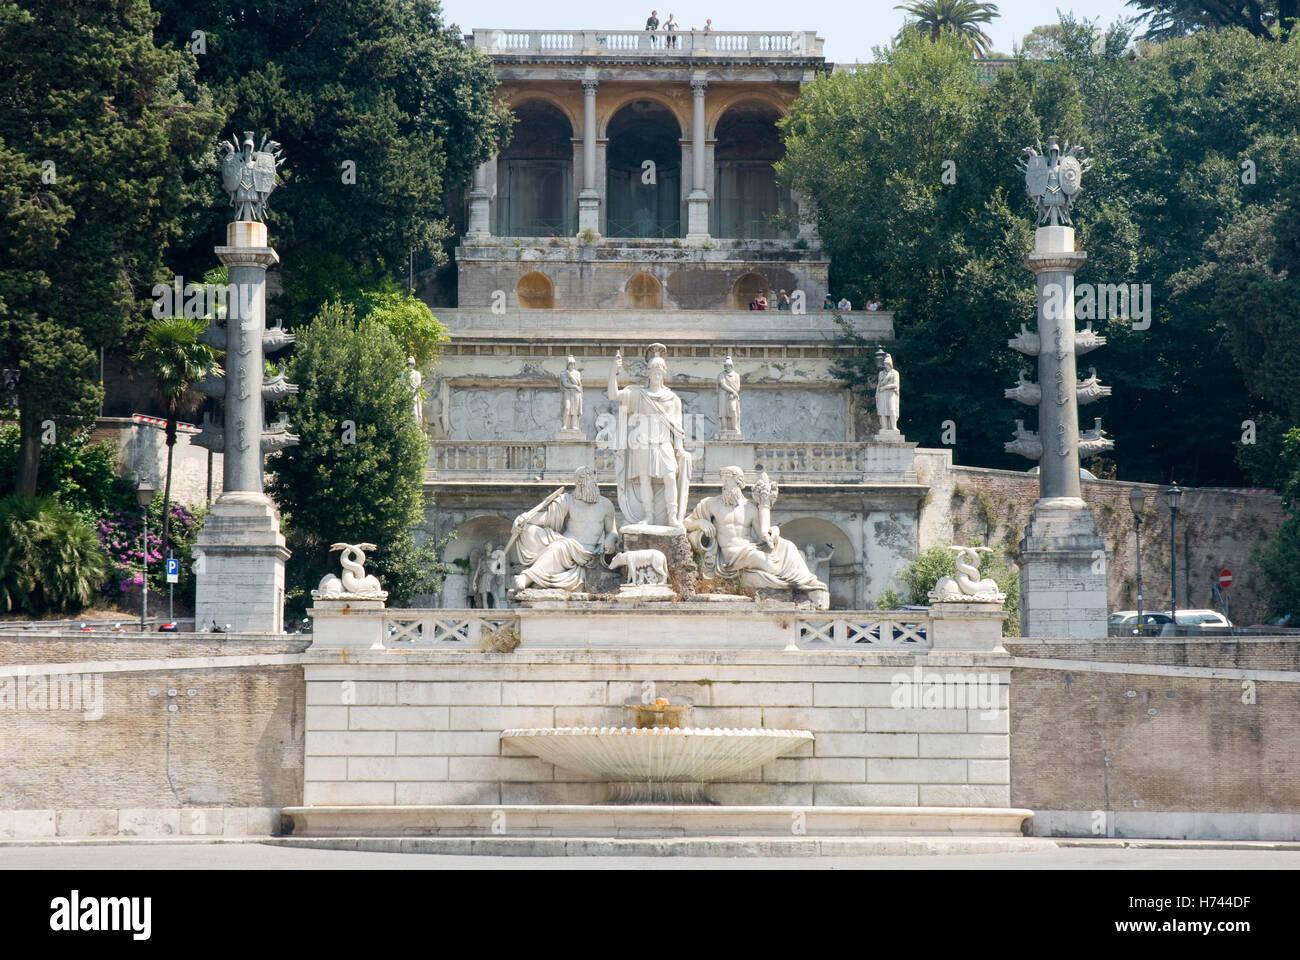 Monte Pincio, Piazza del Popolo, Rome, Italy, Europe - Stock Image